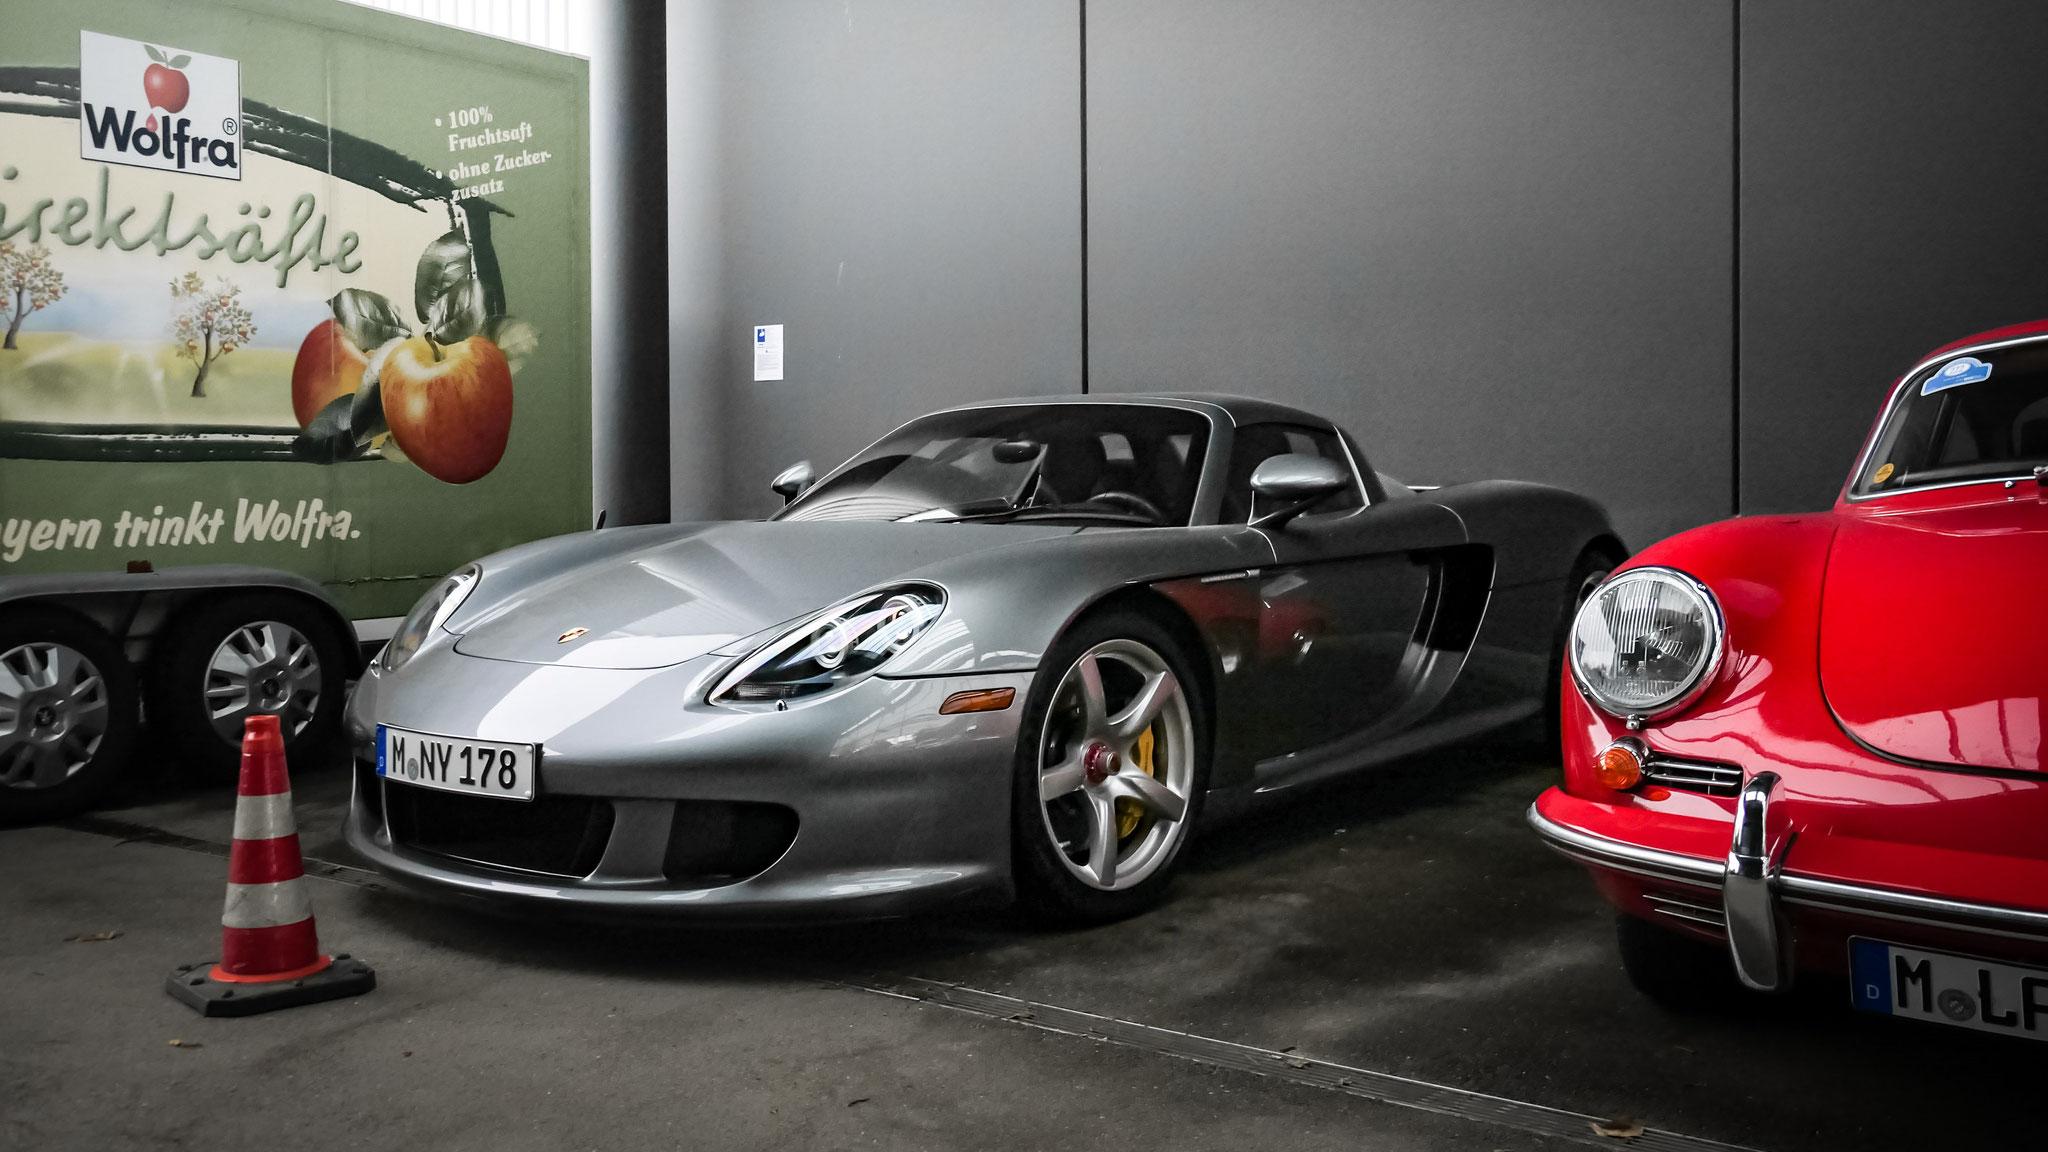 Porsche Carrera GT - M-NY-178